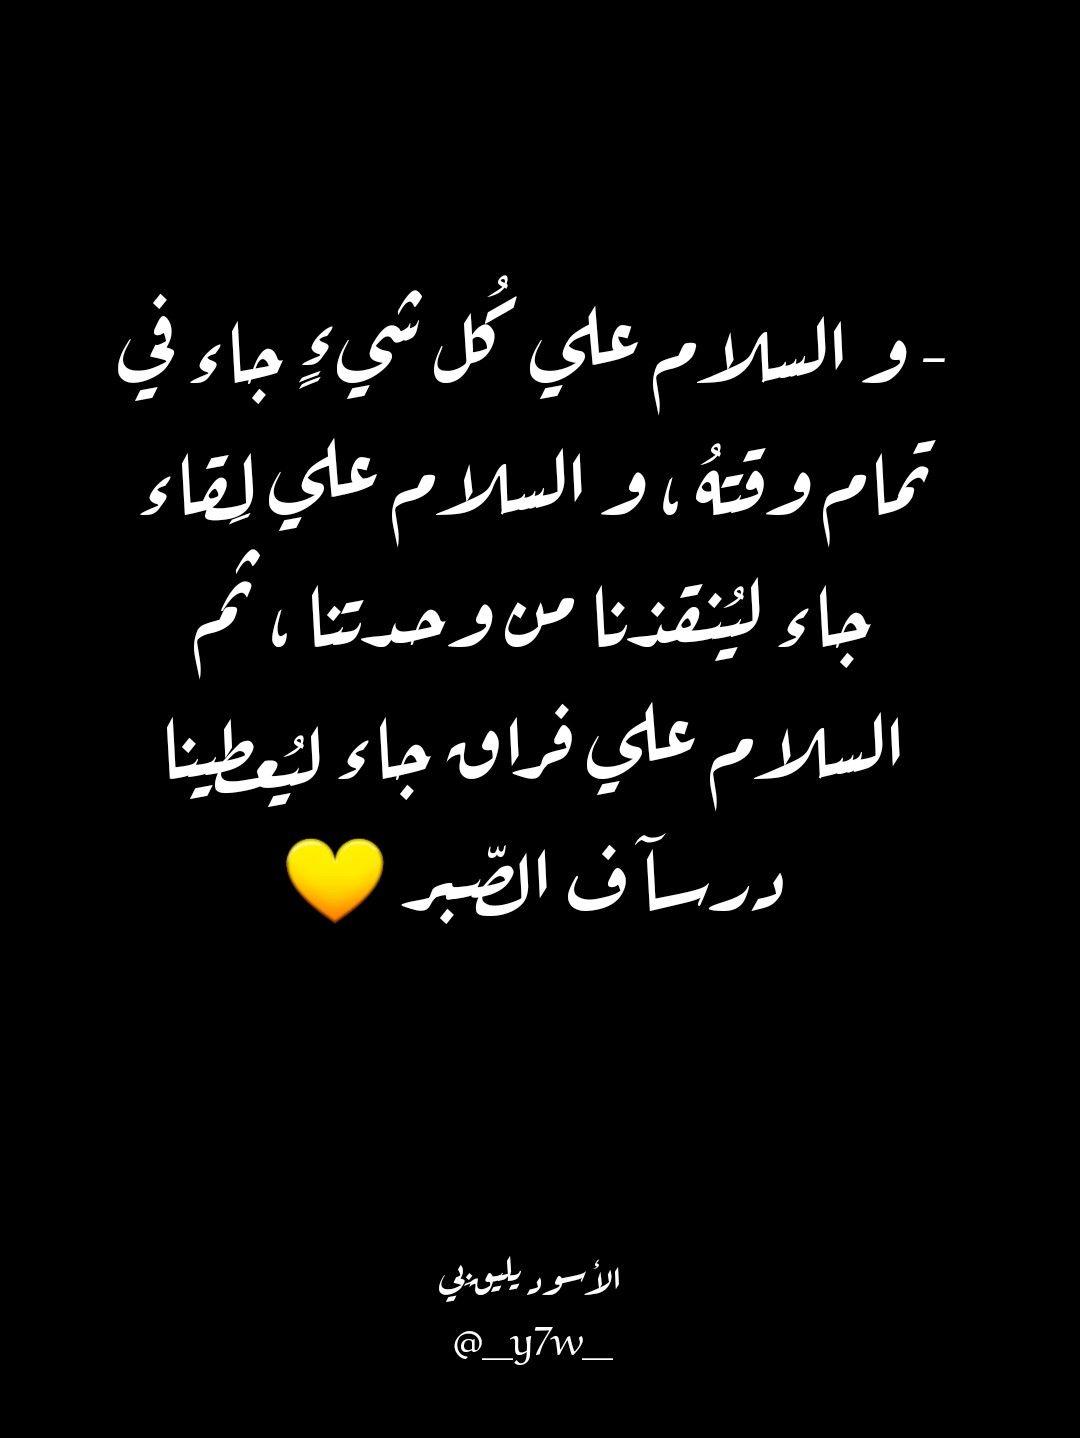 السلام على كل شيء جاء في تمام وقتة Calligraphy Arabic Calligraphy